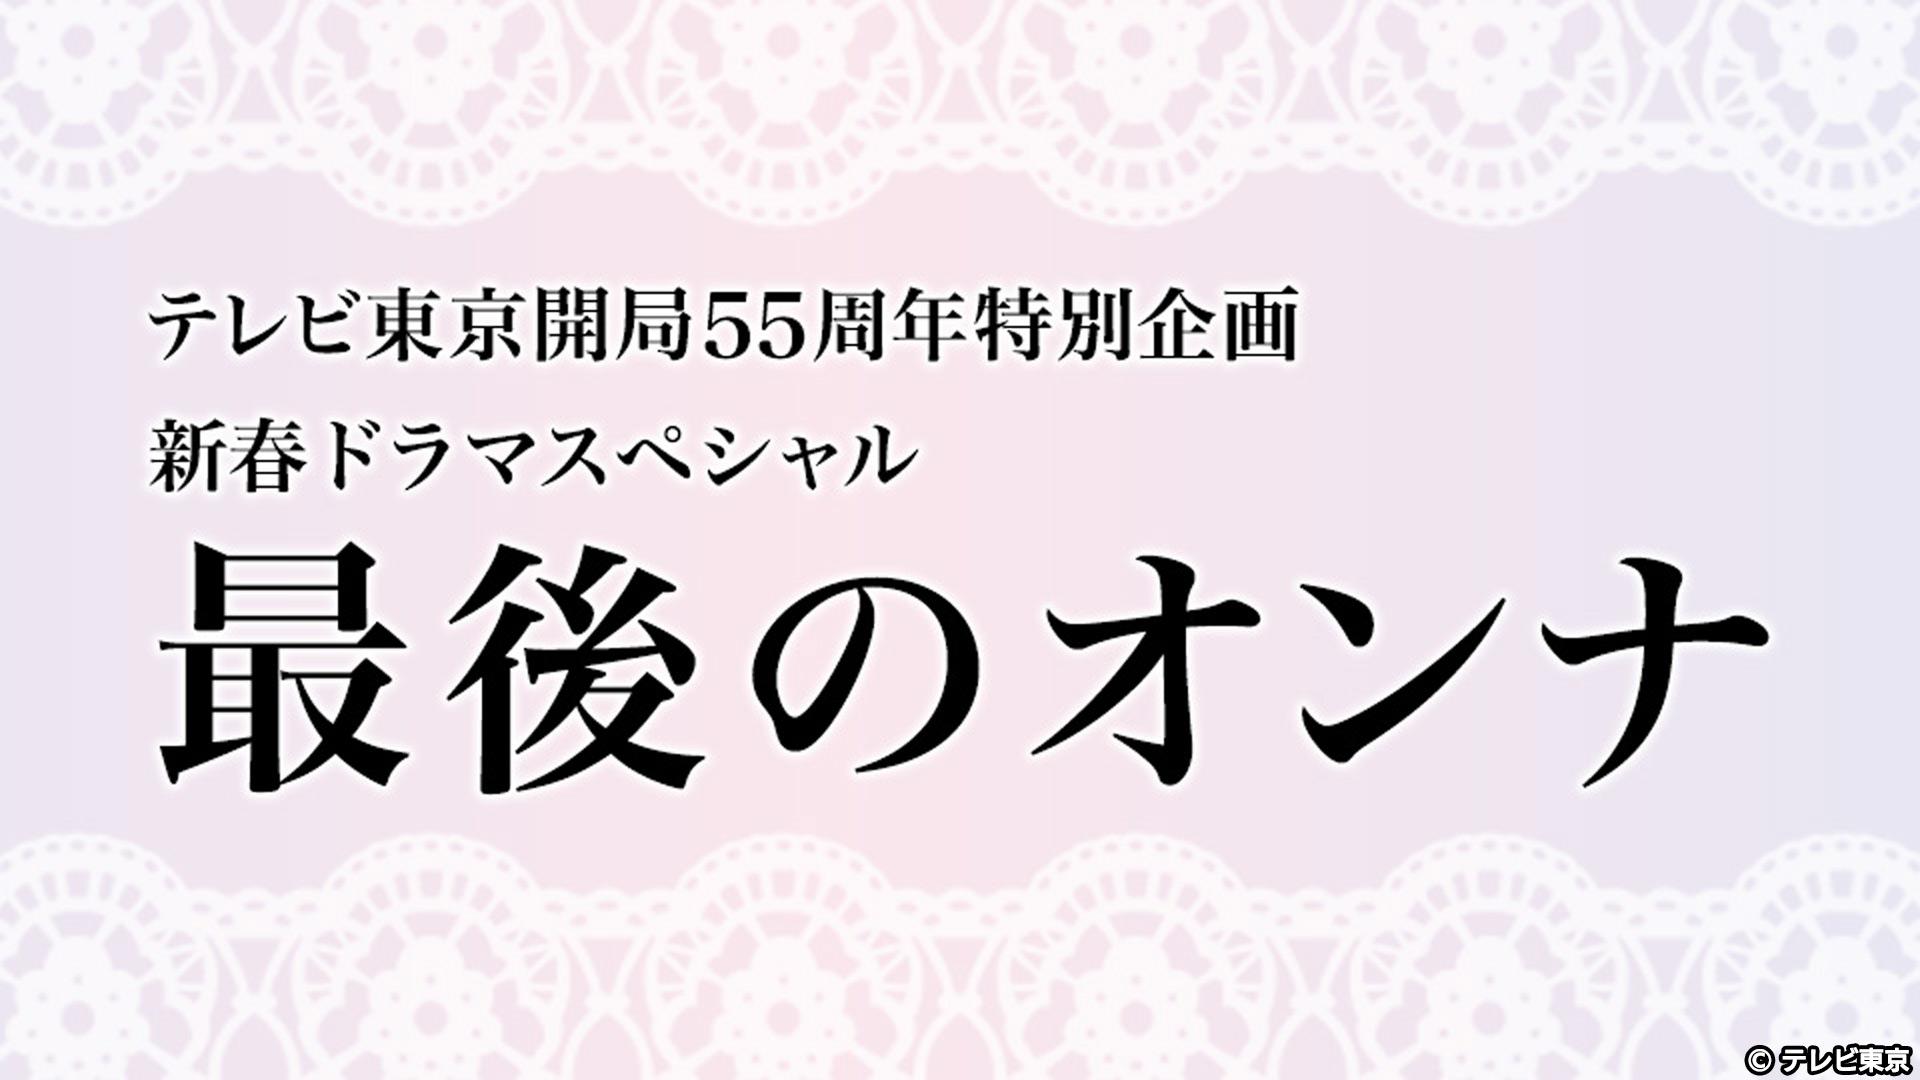 「最後のオンナ」ネタバレ!千葉雄大が最後にまさかの!?テレビ東京が送る「最後のオンナ」が話題